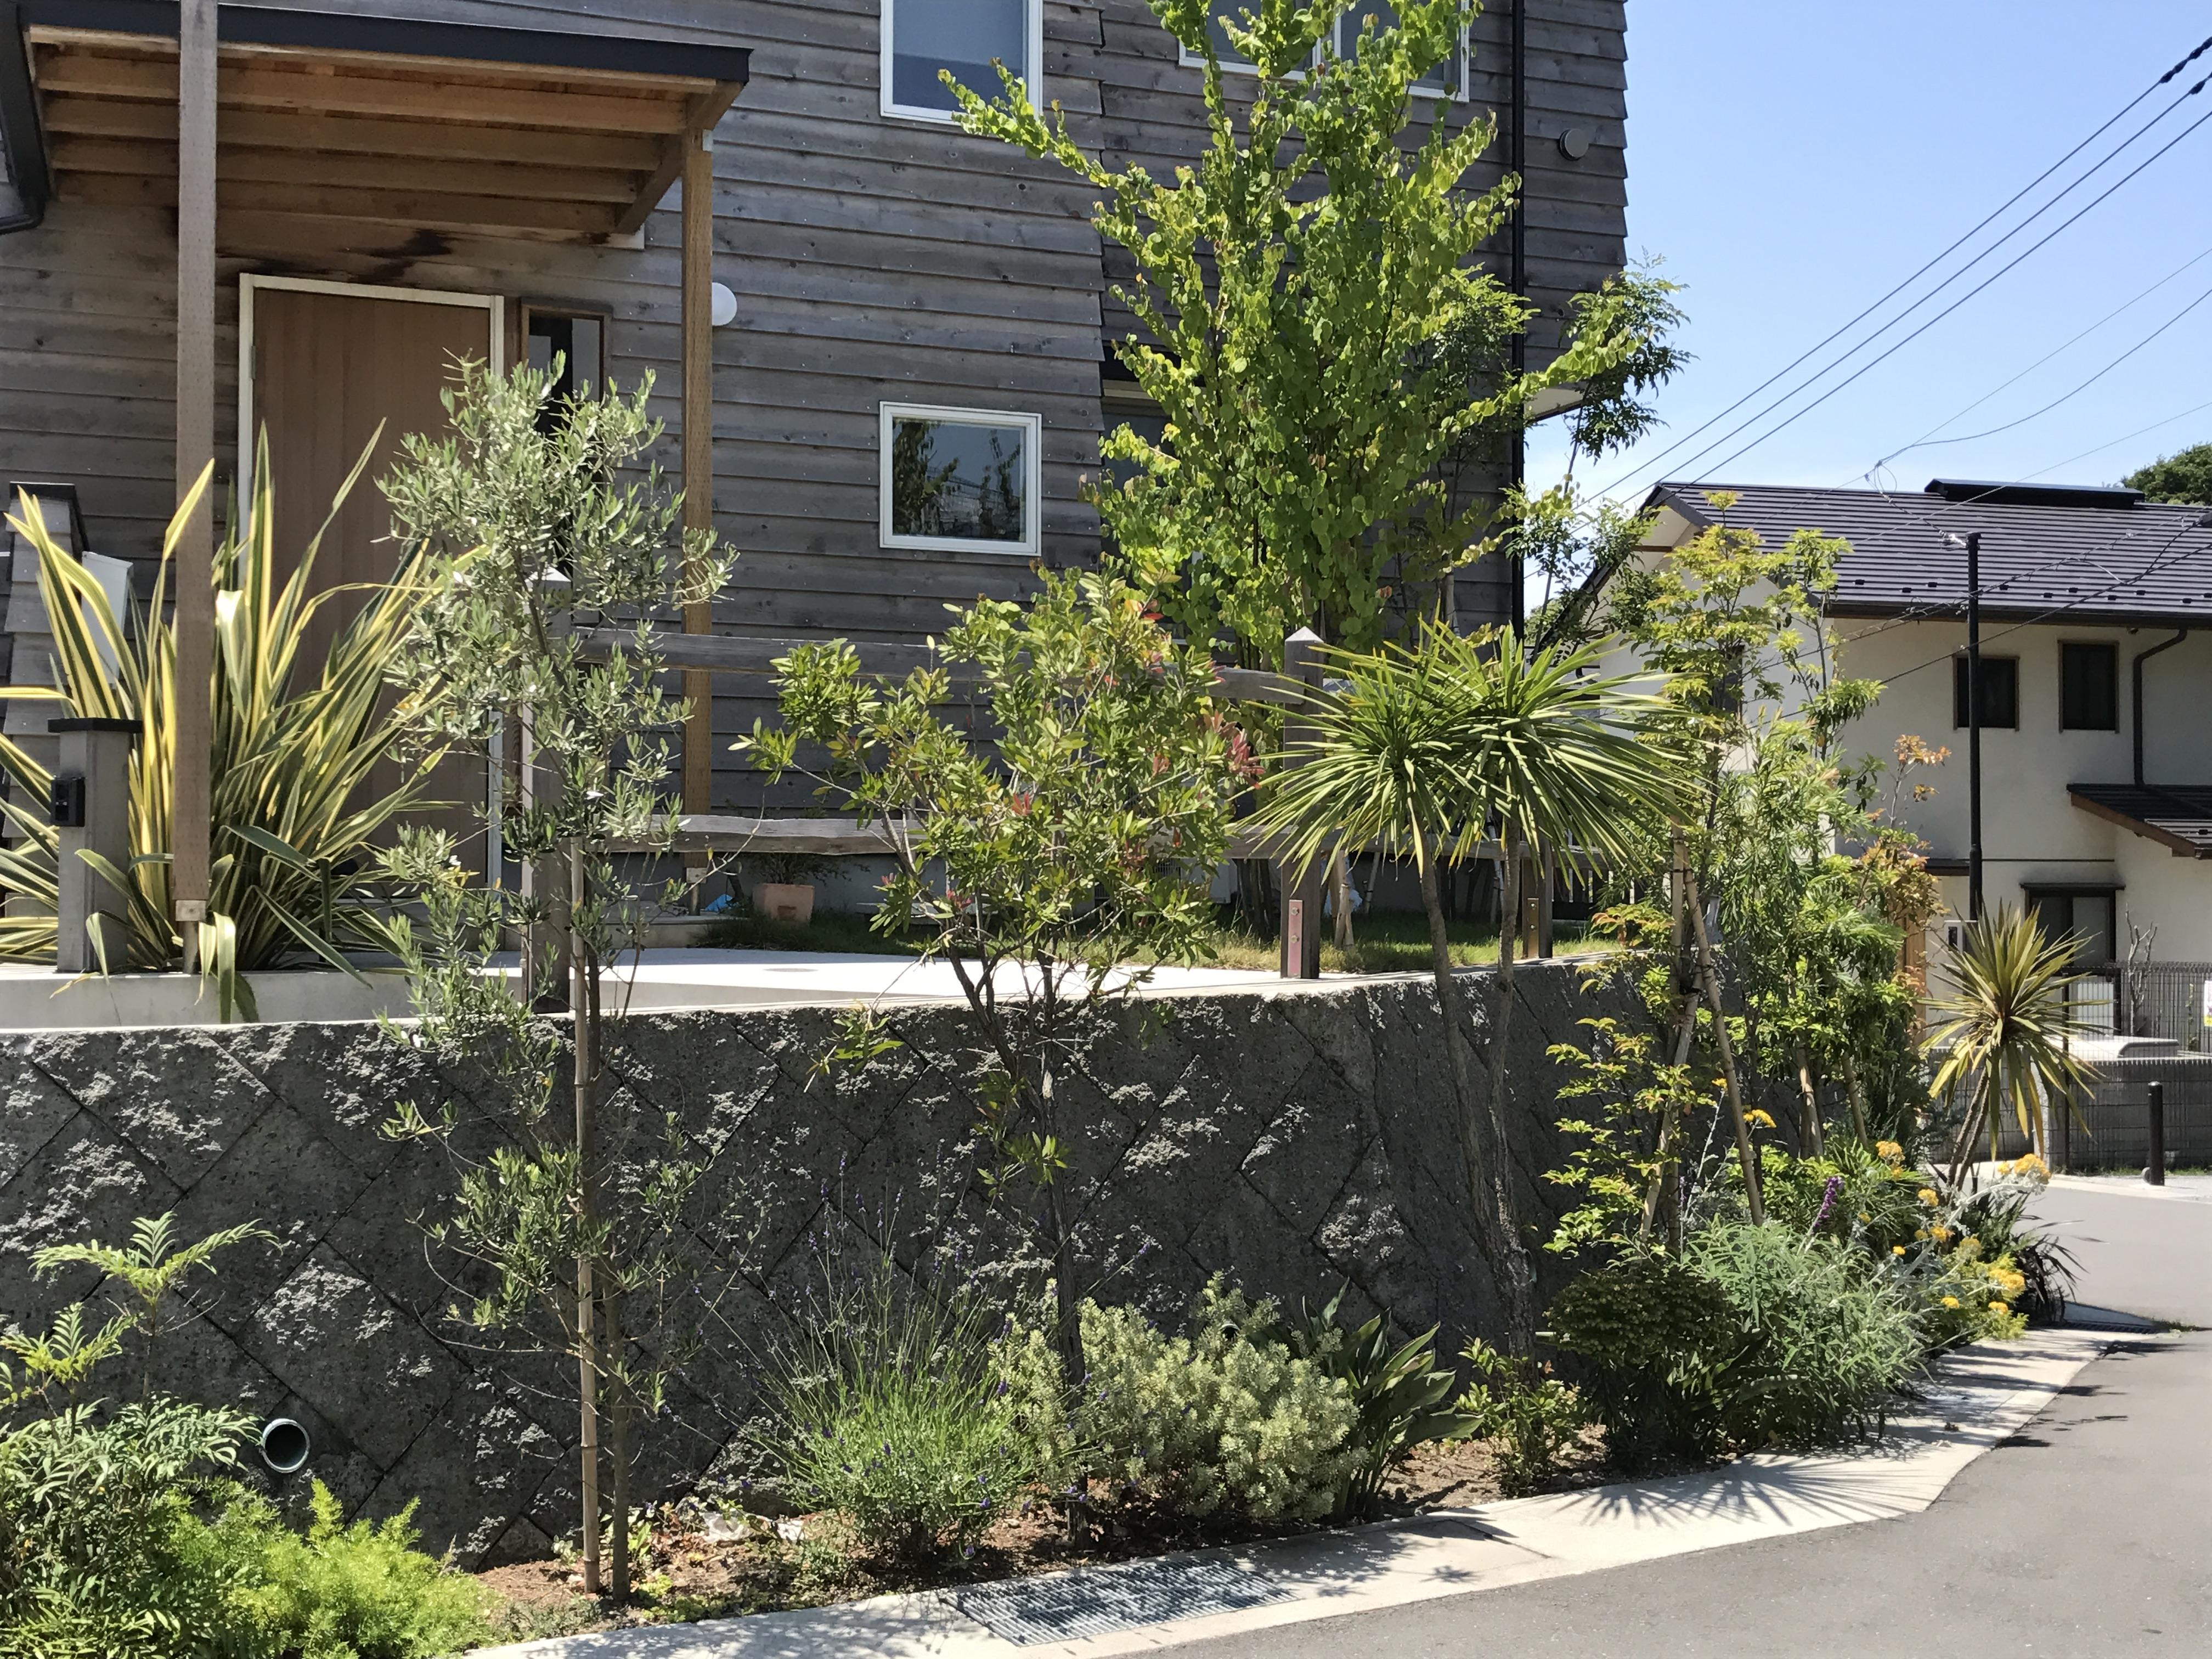 擁壁前の植栽 潮害地域ながらよく育つ